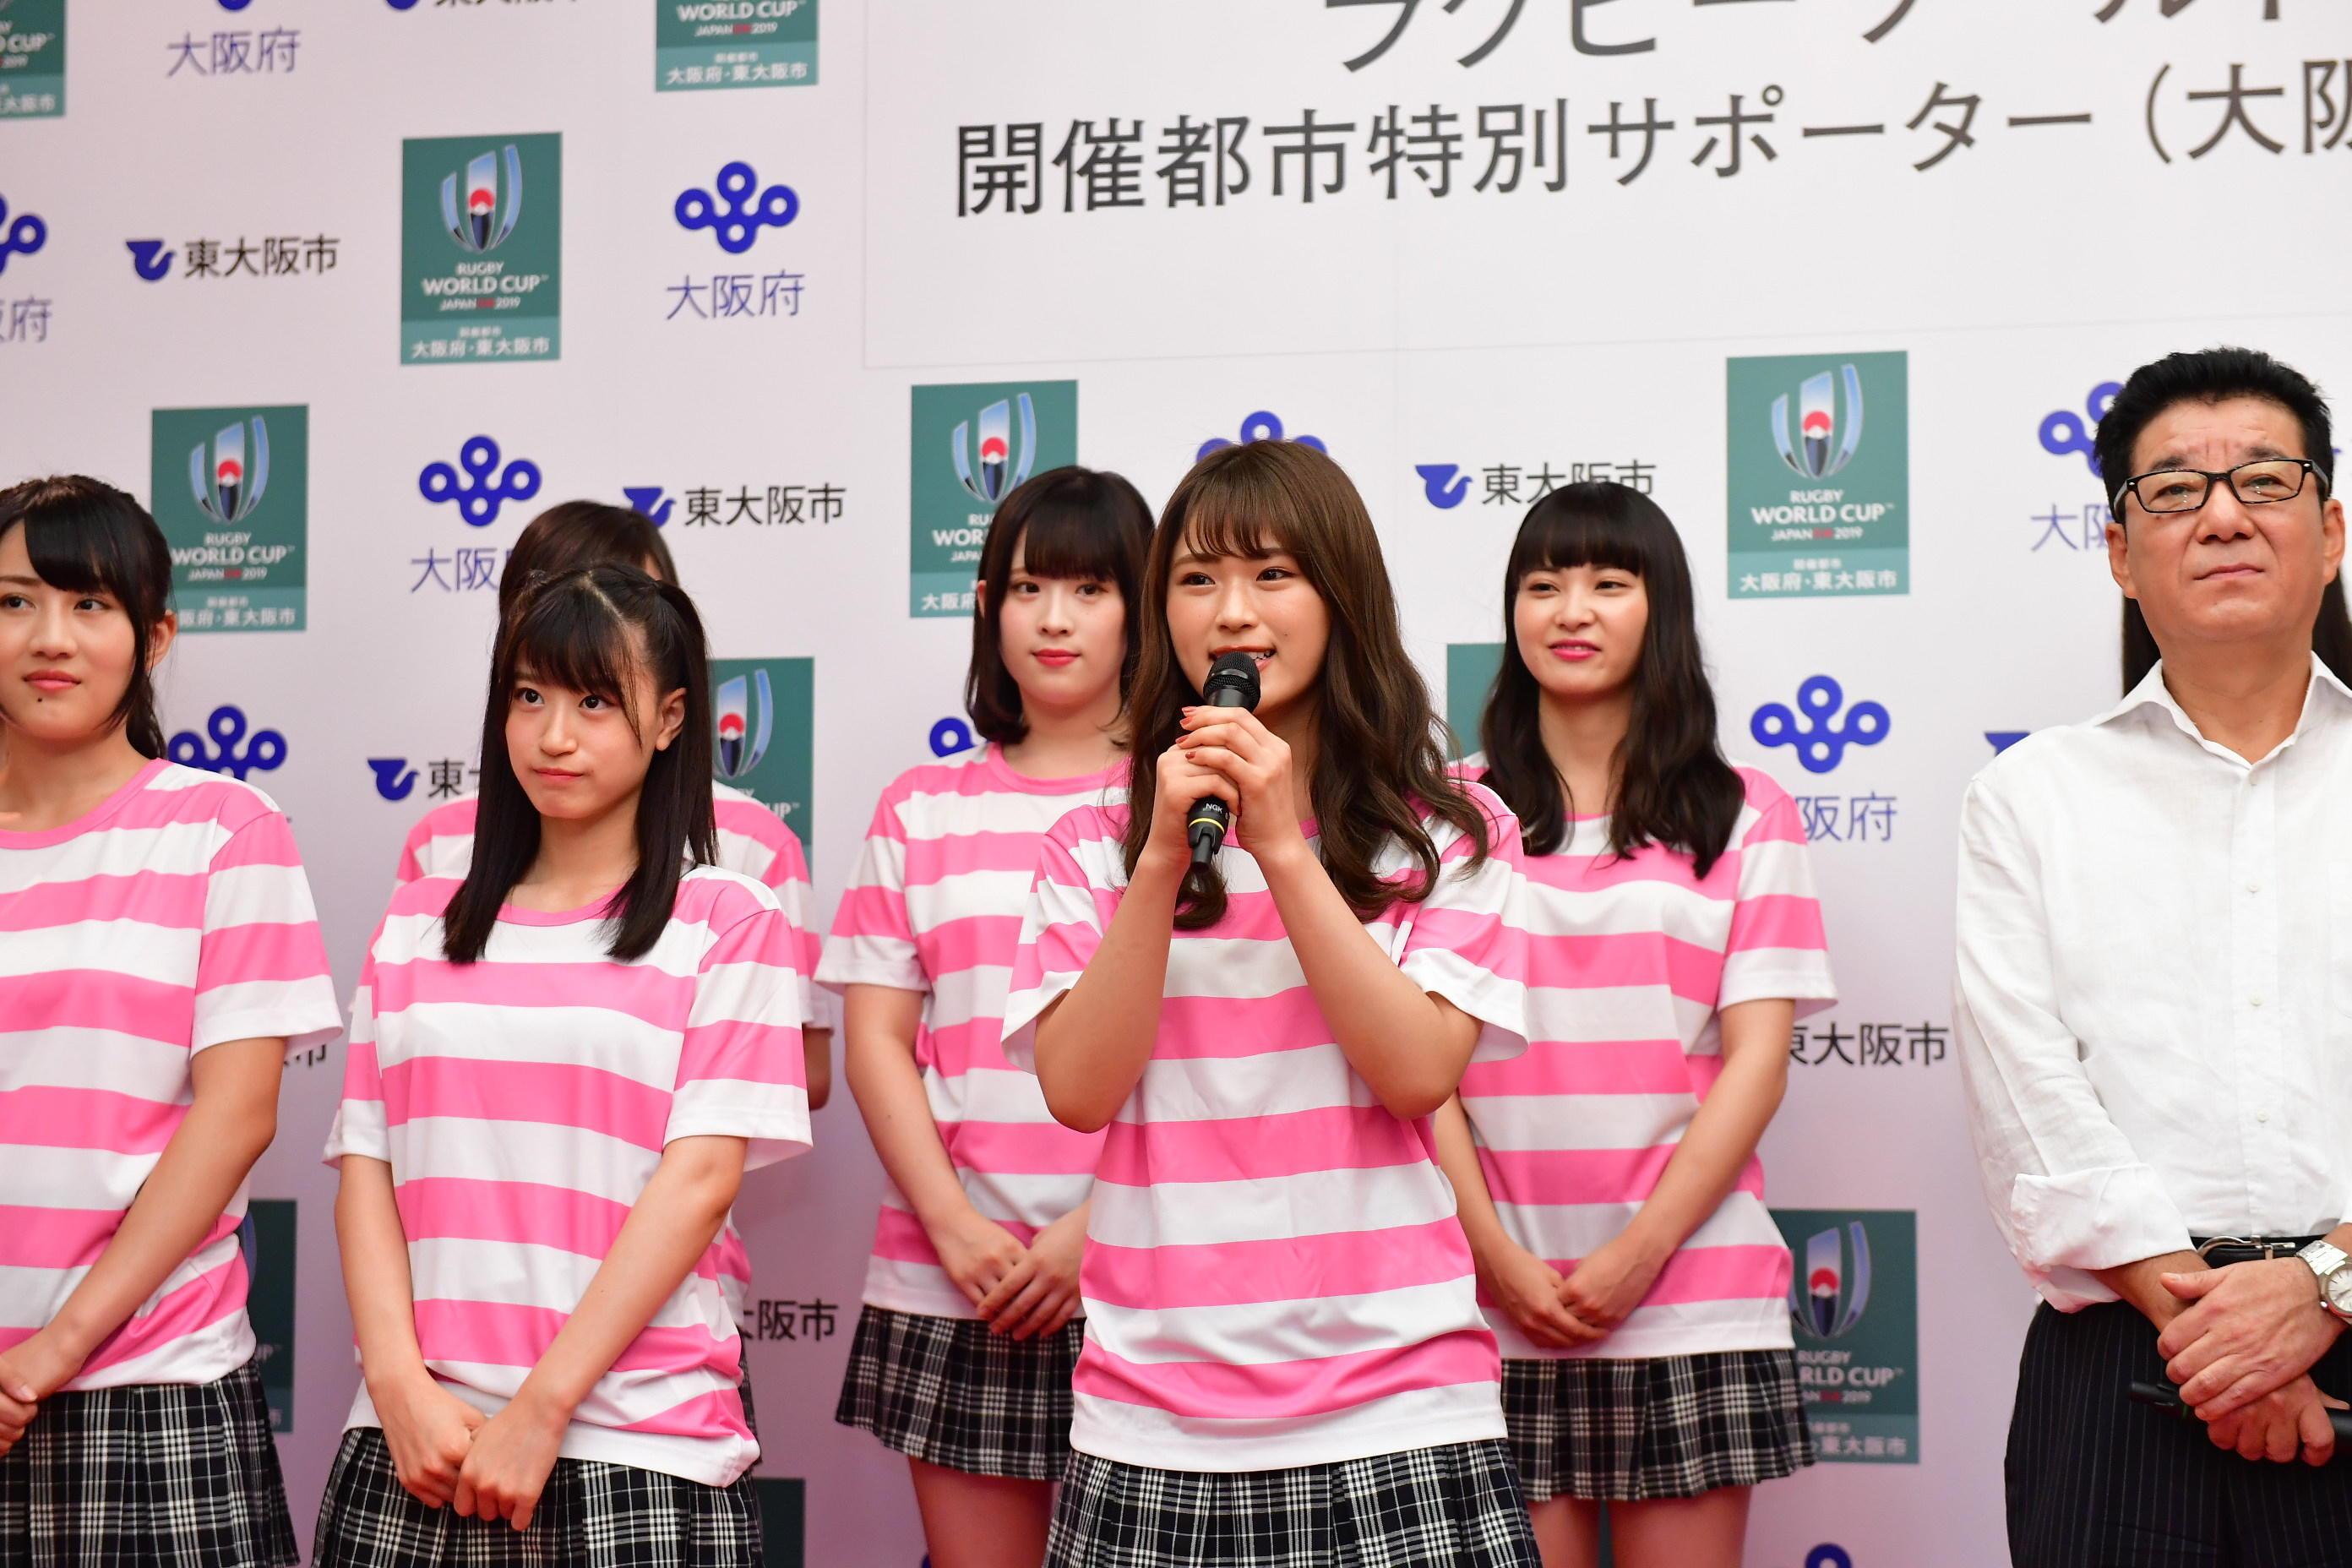 http://news.yoshimoto.co.jp/20180919085018-d4aa090c3ccf35bf810723dc0e9c404a3f2597d5.jpg